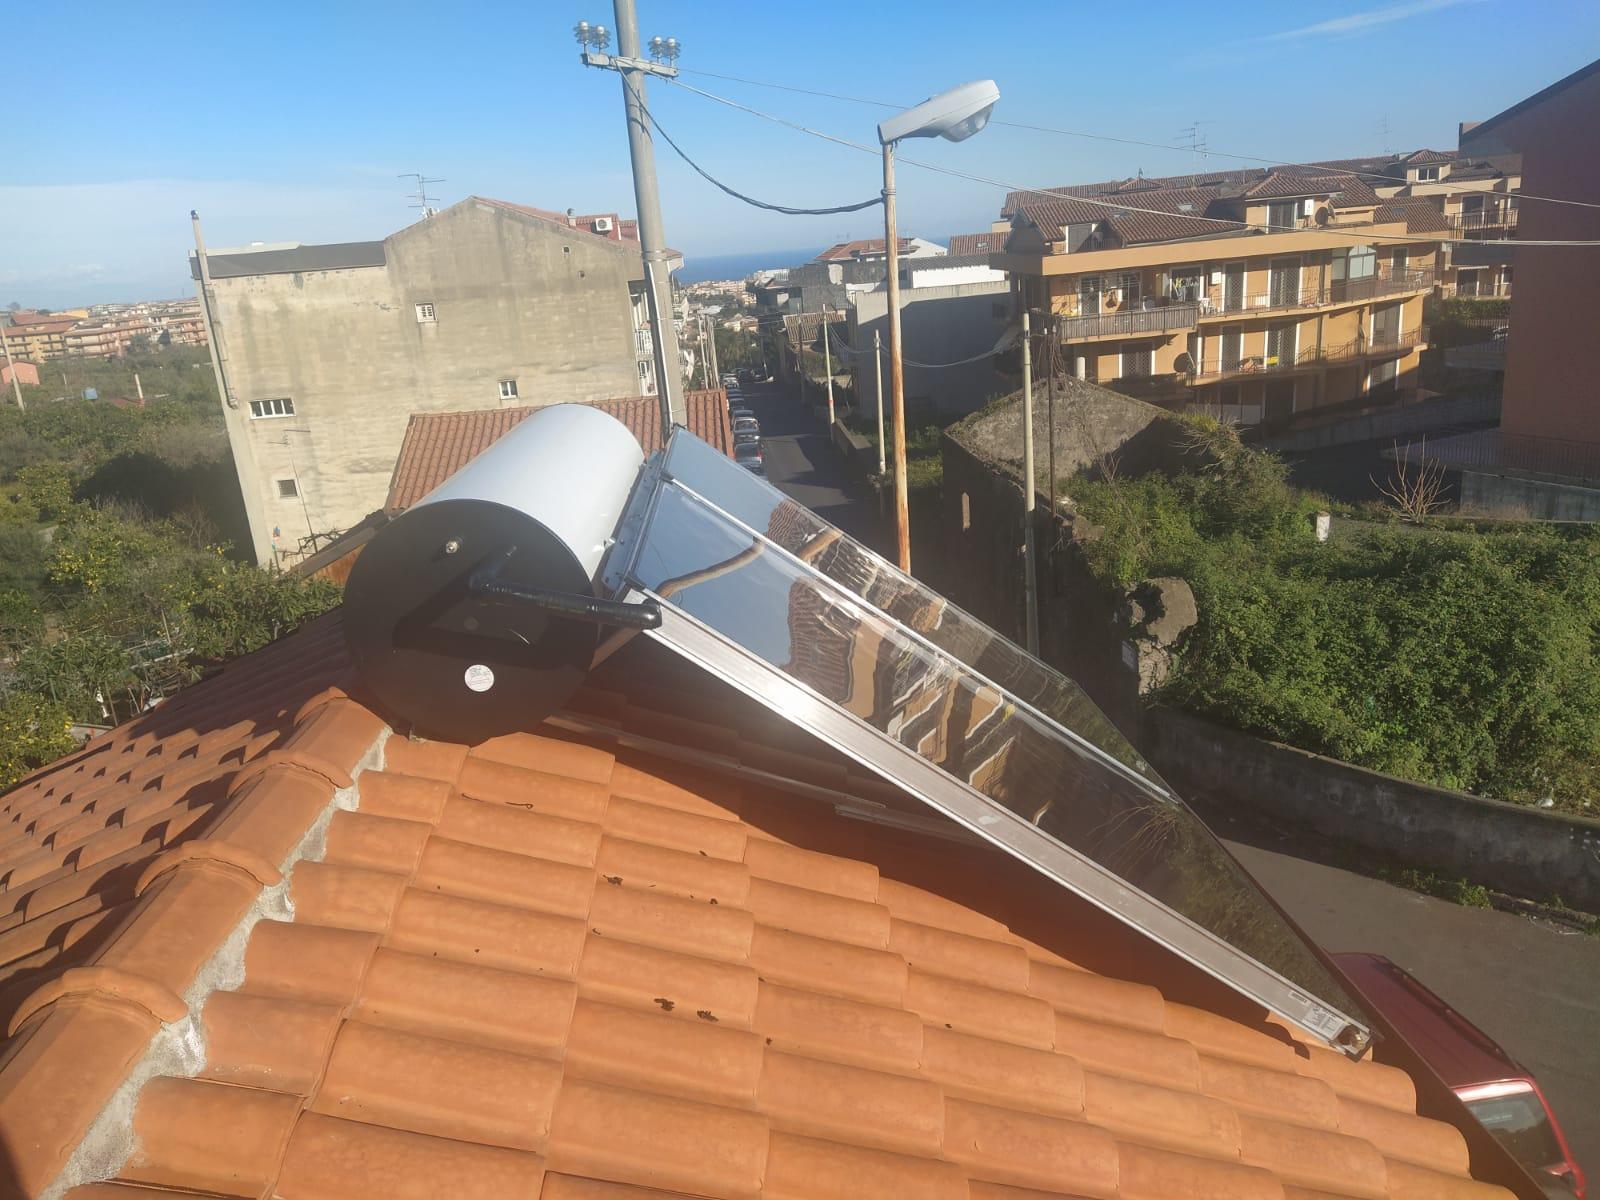 impinto solare termico finito e montato a tetto